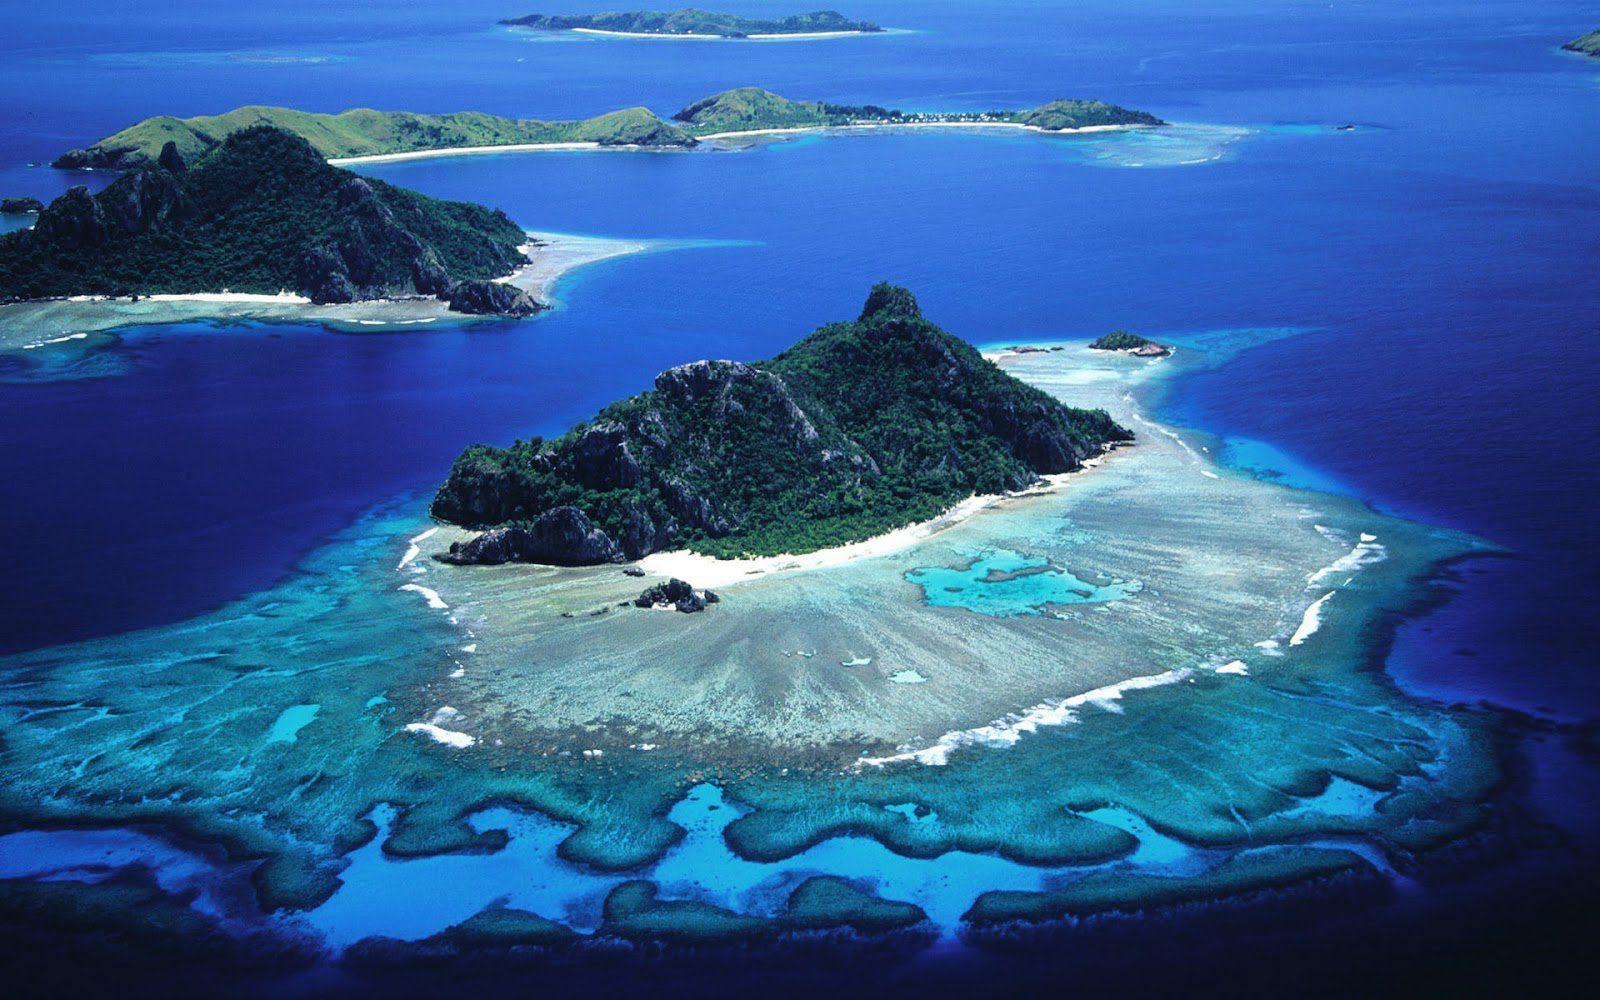 เกาะโอกินาว่า (Okinawa)